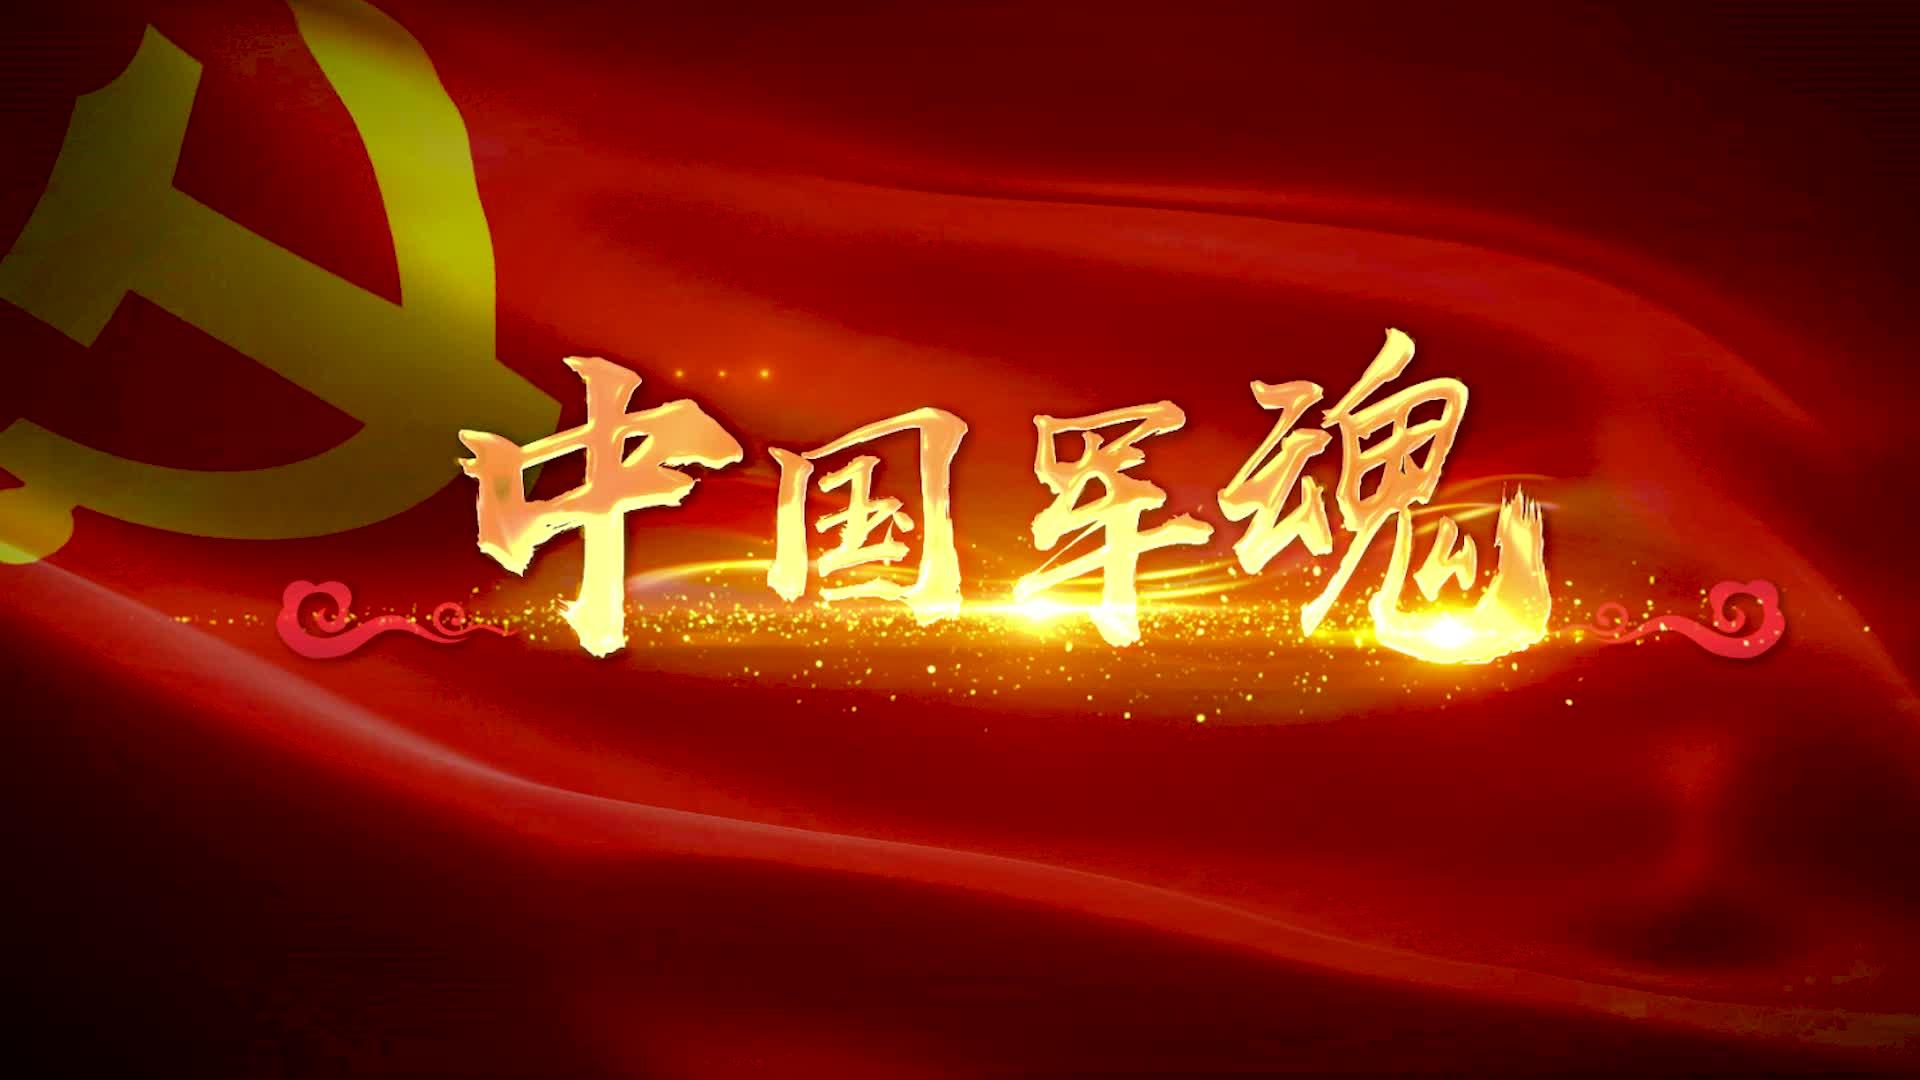 亮剑歌曲中国军魂视频背景